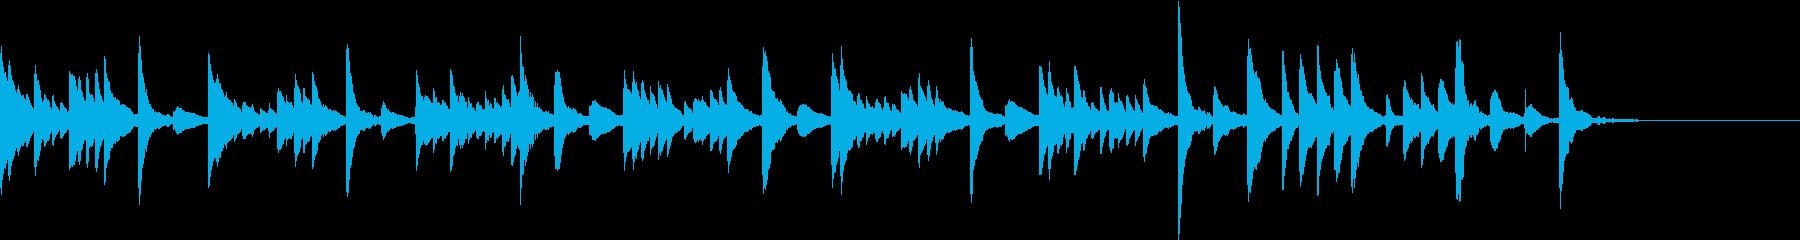 ほのぼのしたマリンバの再生済みの波形